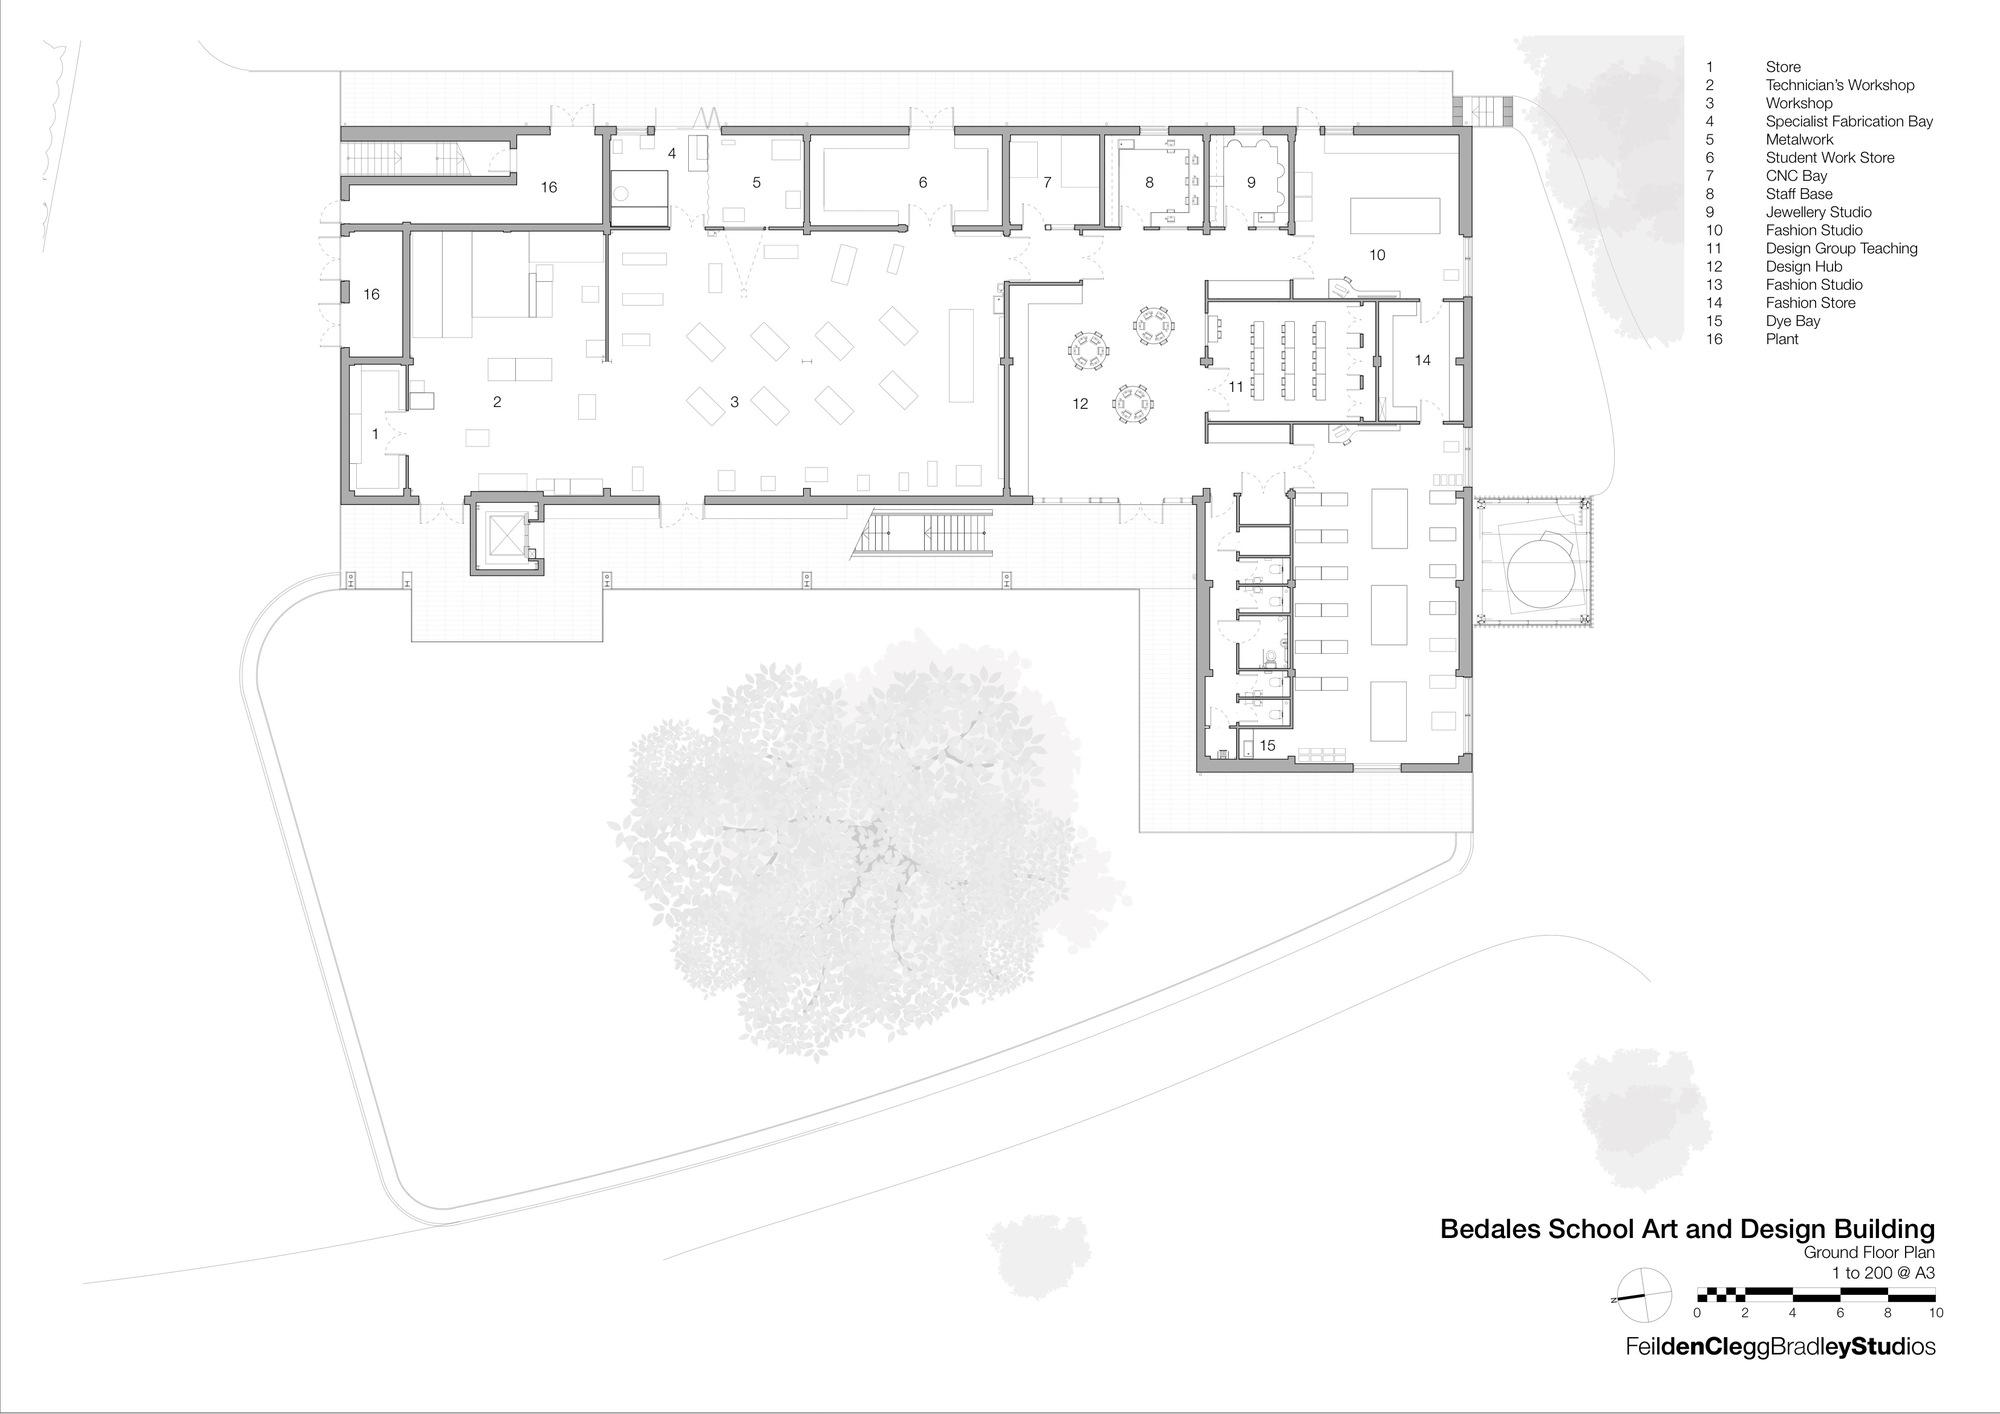 Gallery Of Bedales School Art And Design Feilden Clegg Bradley Studios 29